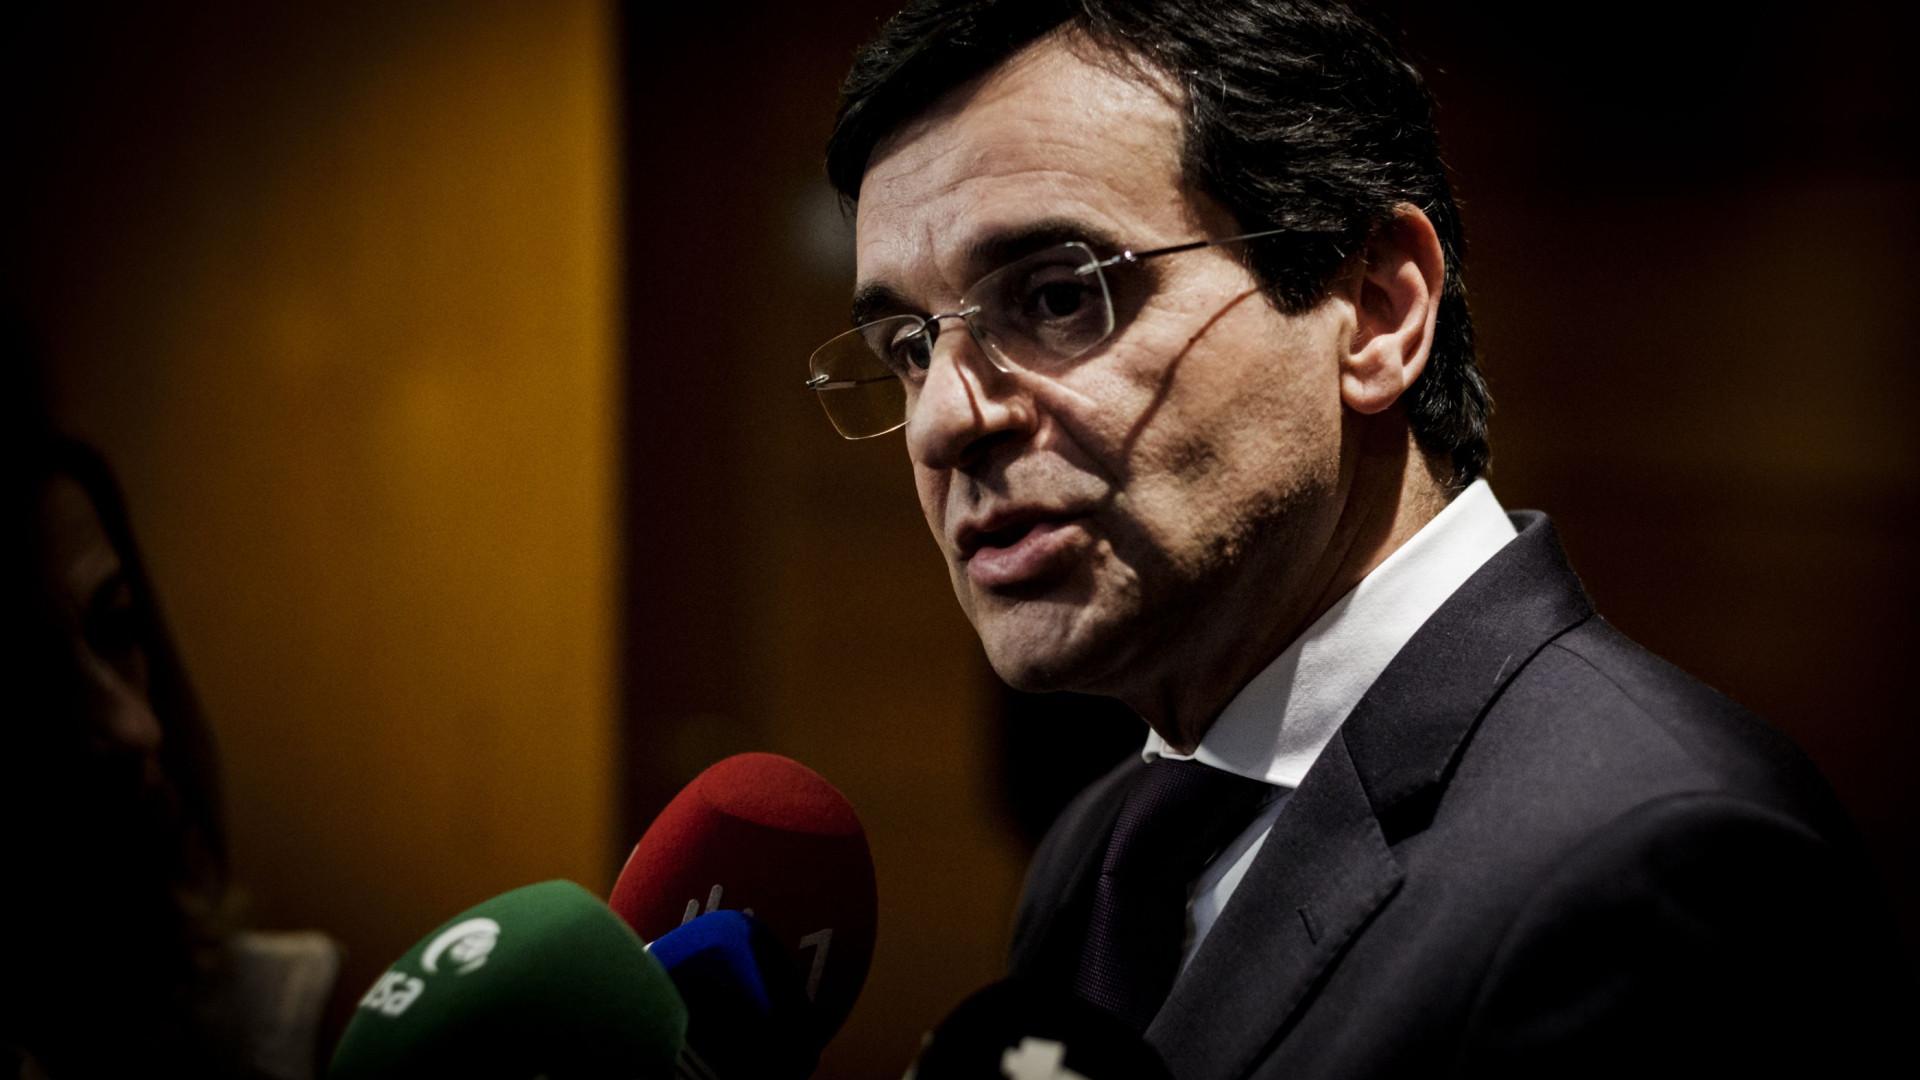 PSD quer ouvir ministro da Saúde com urgência no parlamento